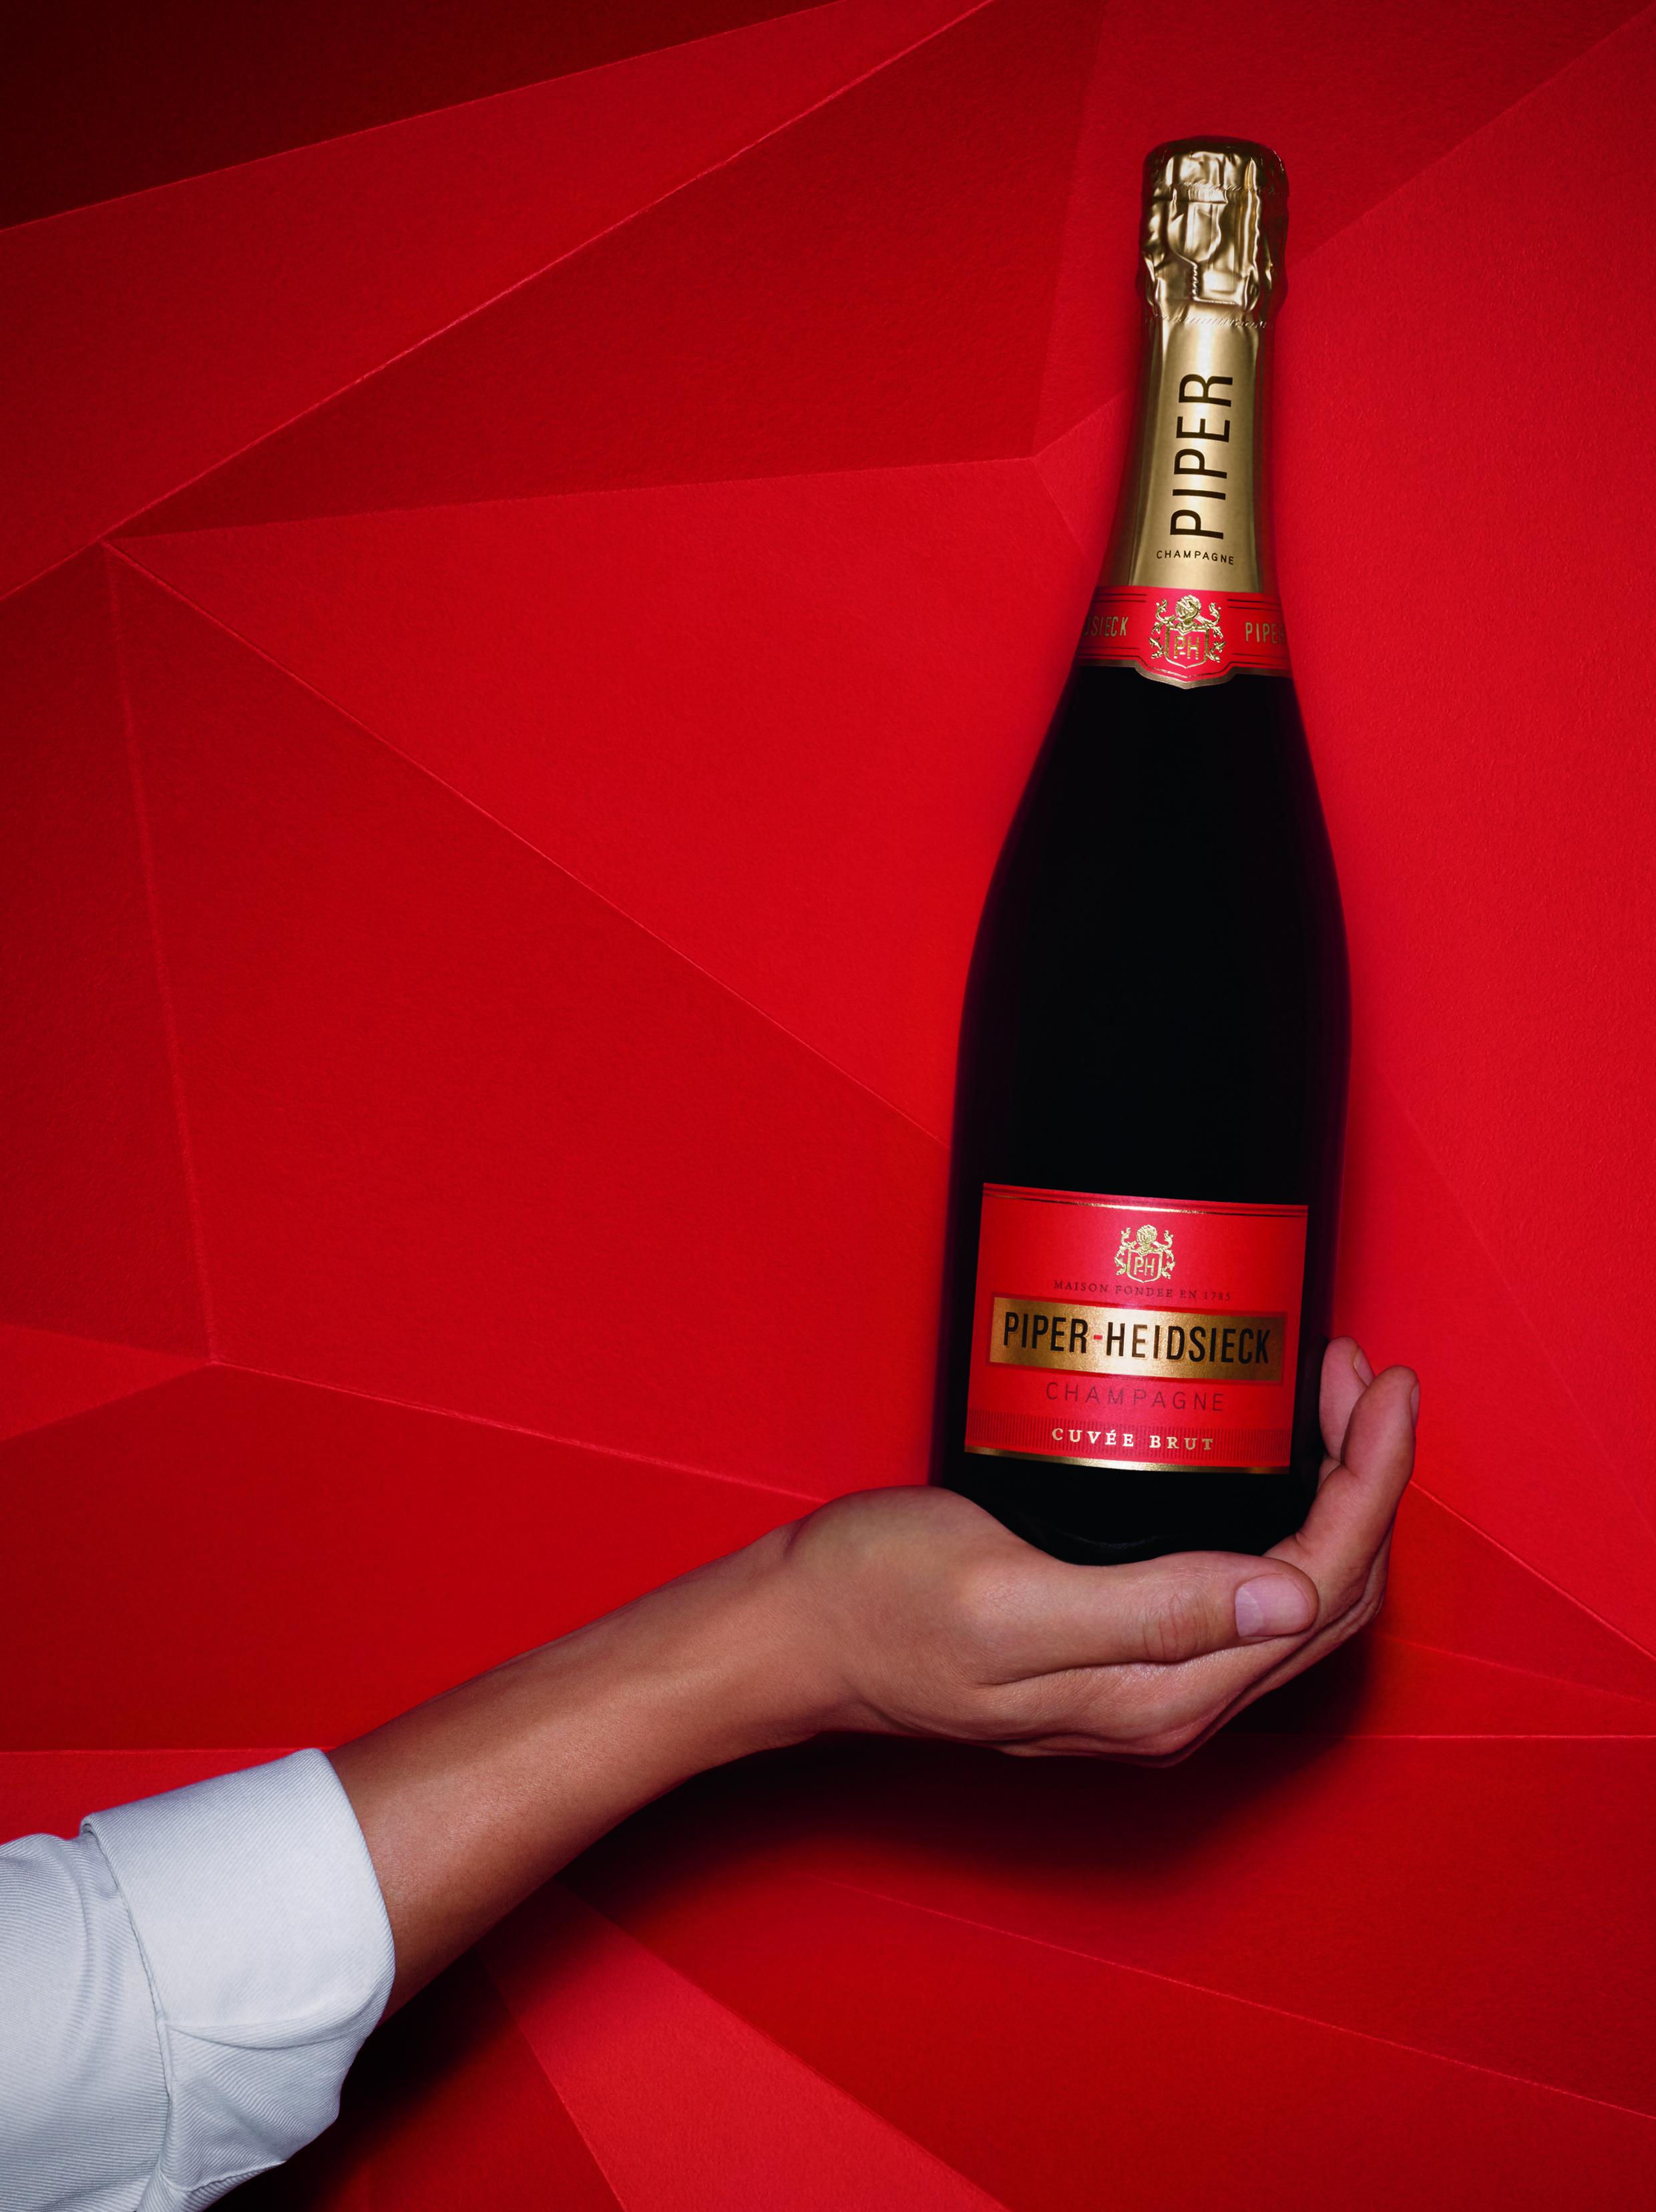 piper-heidsieck-champagne.jpg